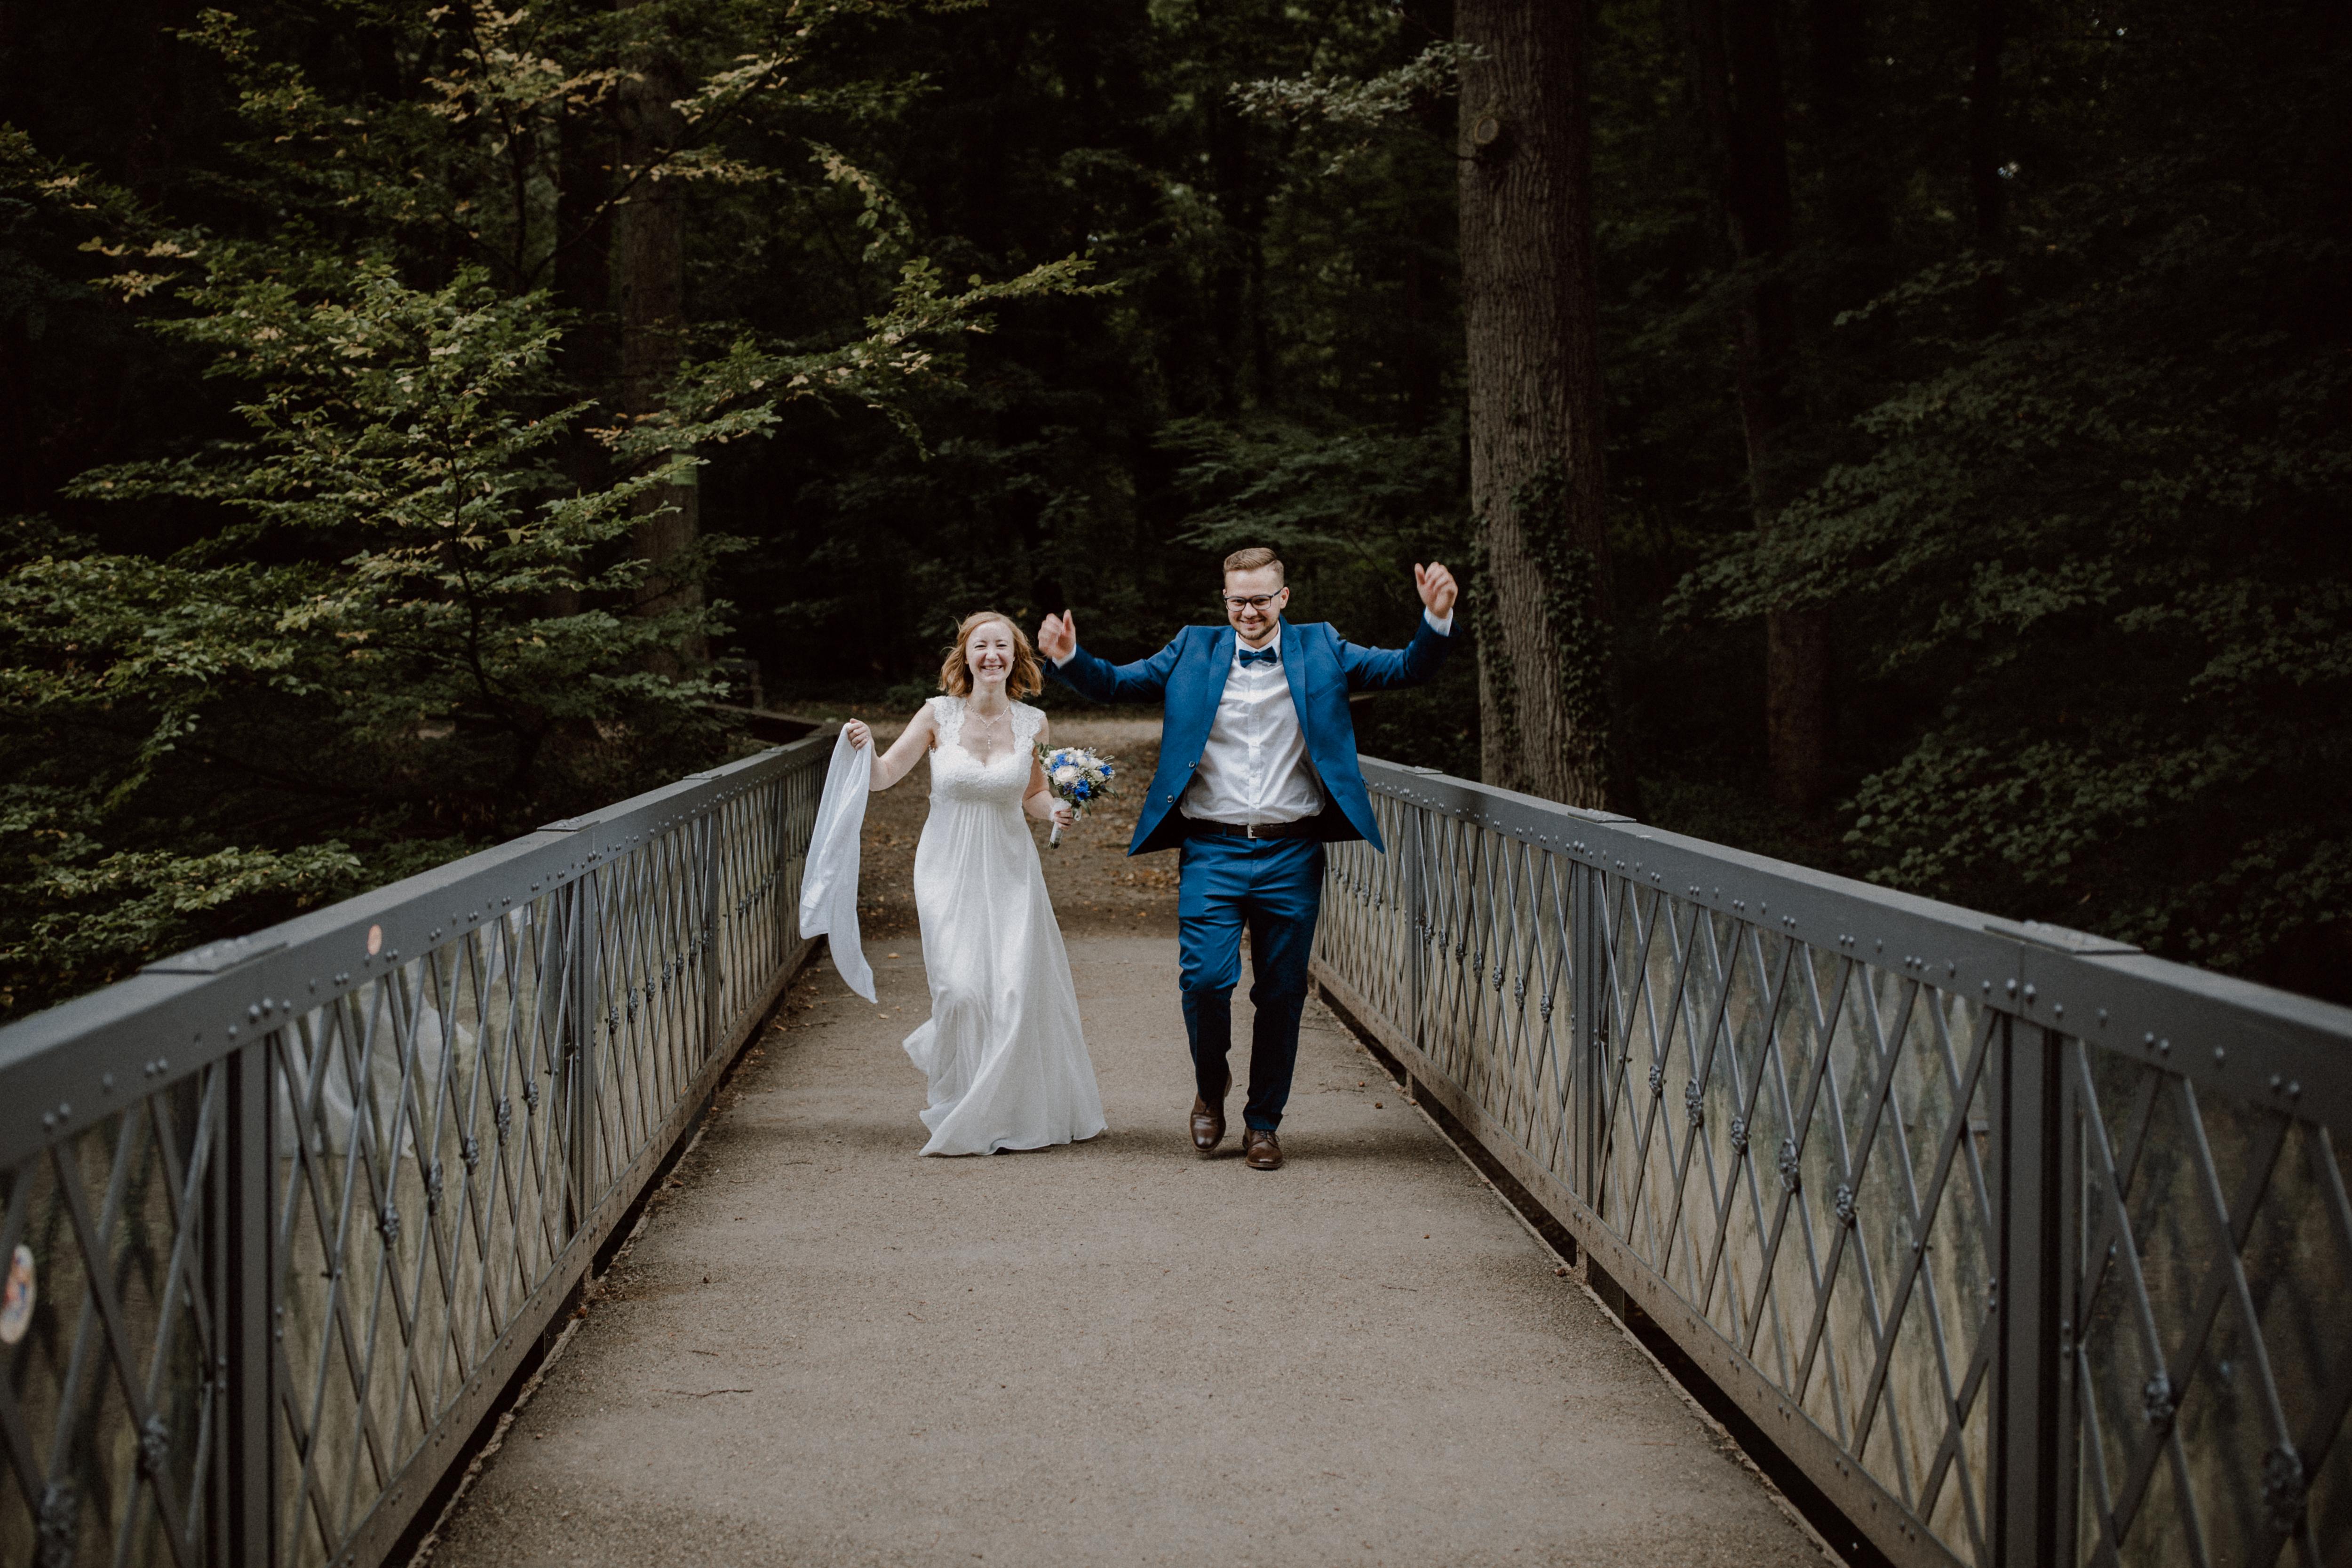 URBANERIE_Daniela_Goth_Hochzeitsfotografin_Nürnberg_Fürth_Erlangen_Schwabach_17907_0499